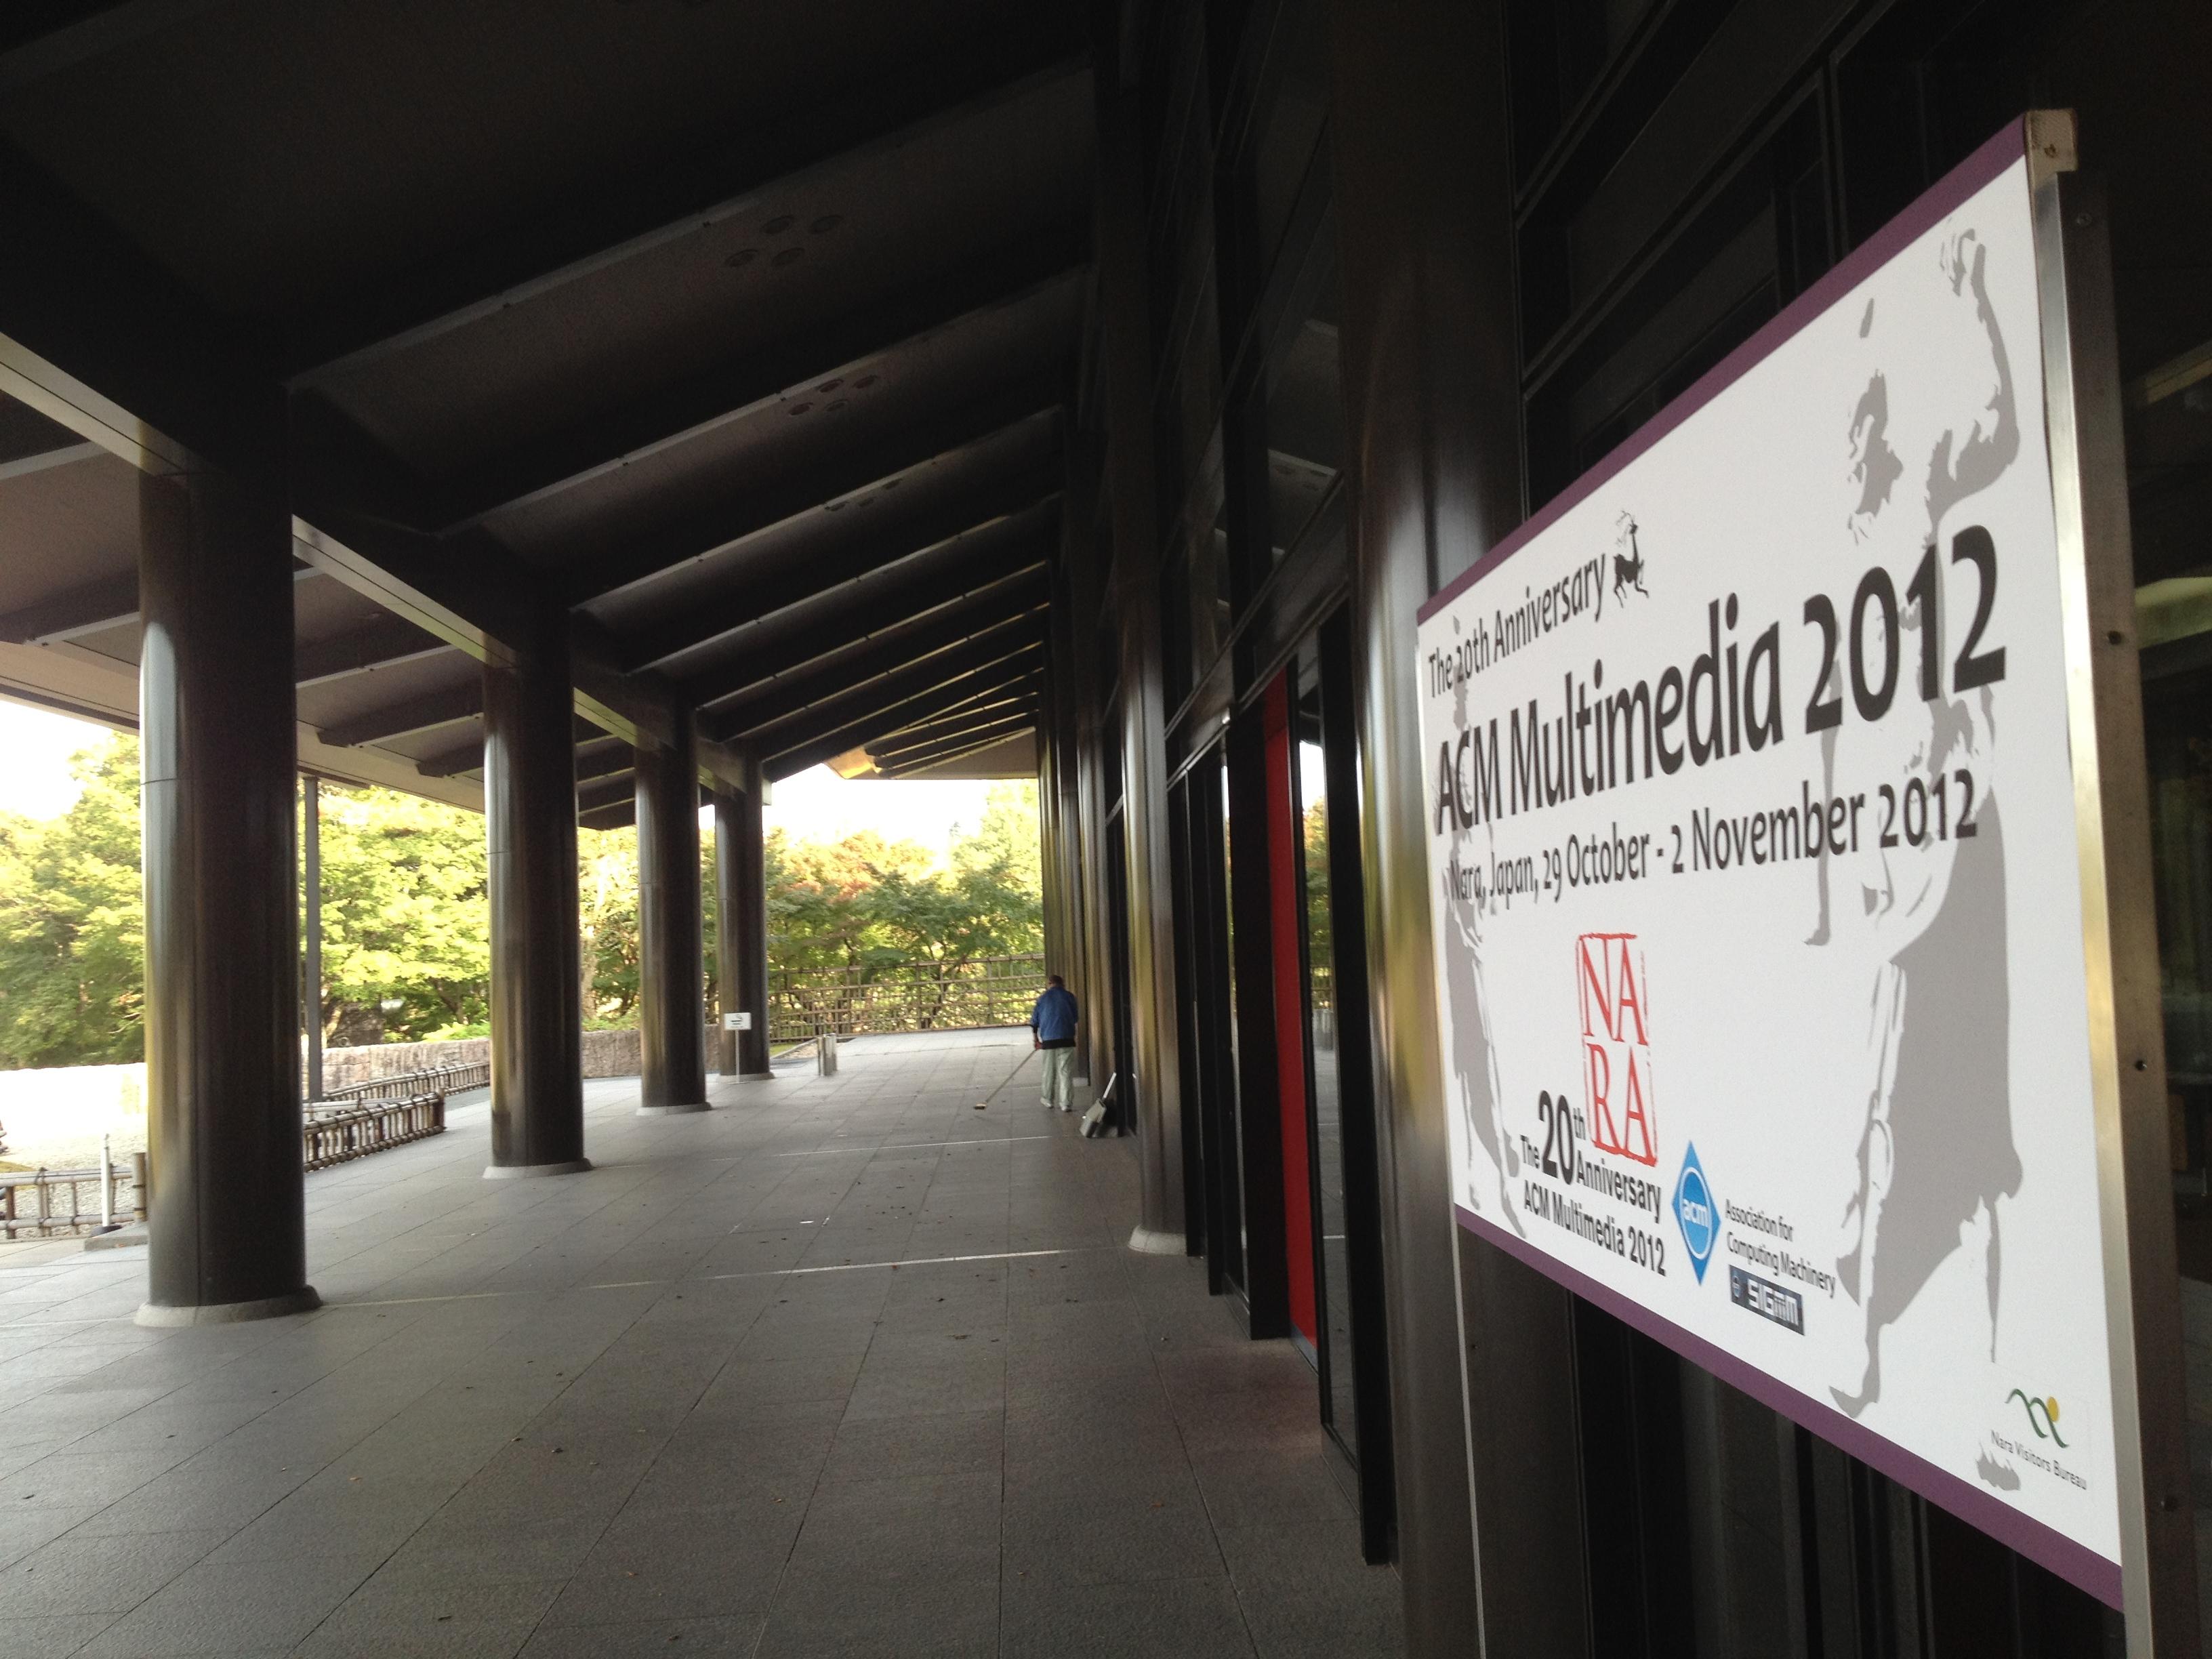 Paper presented at ACMM2012, Japan